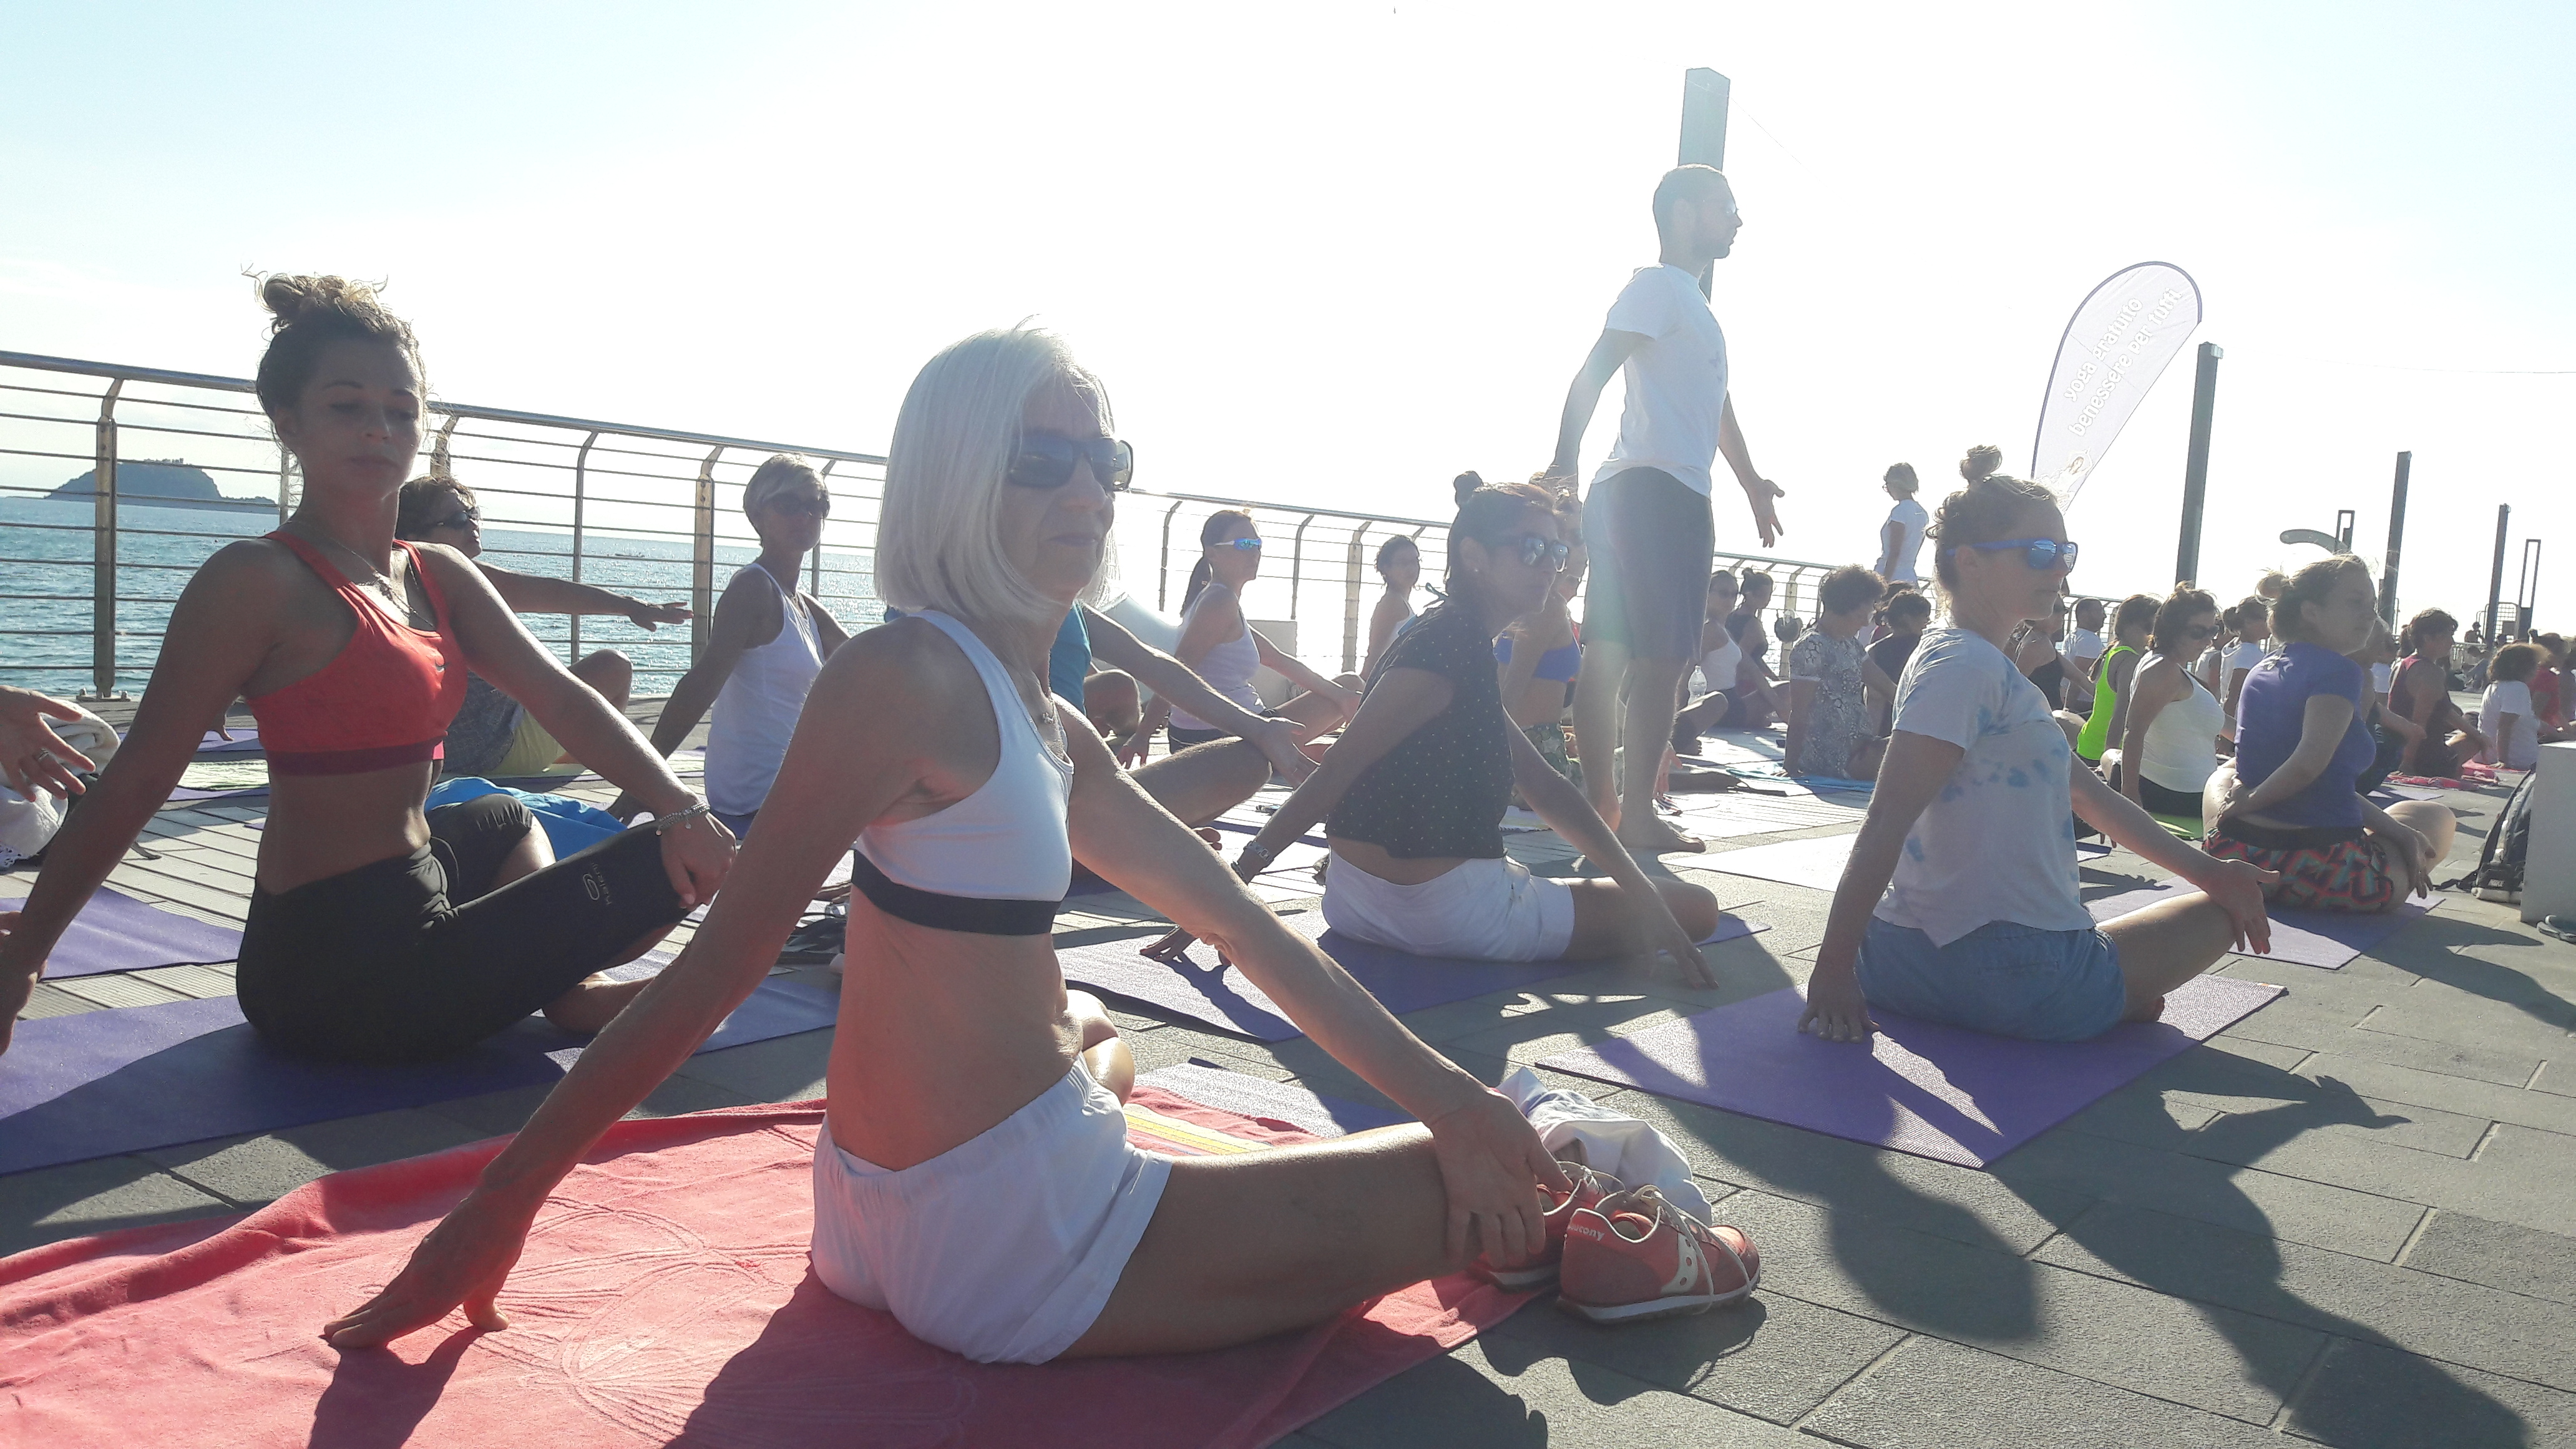 essere-free-yoga-gratuito-benessere-per-tutti-village-citta-alassio-estate-lucia-ragazzi-summer-town-wellness-66